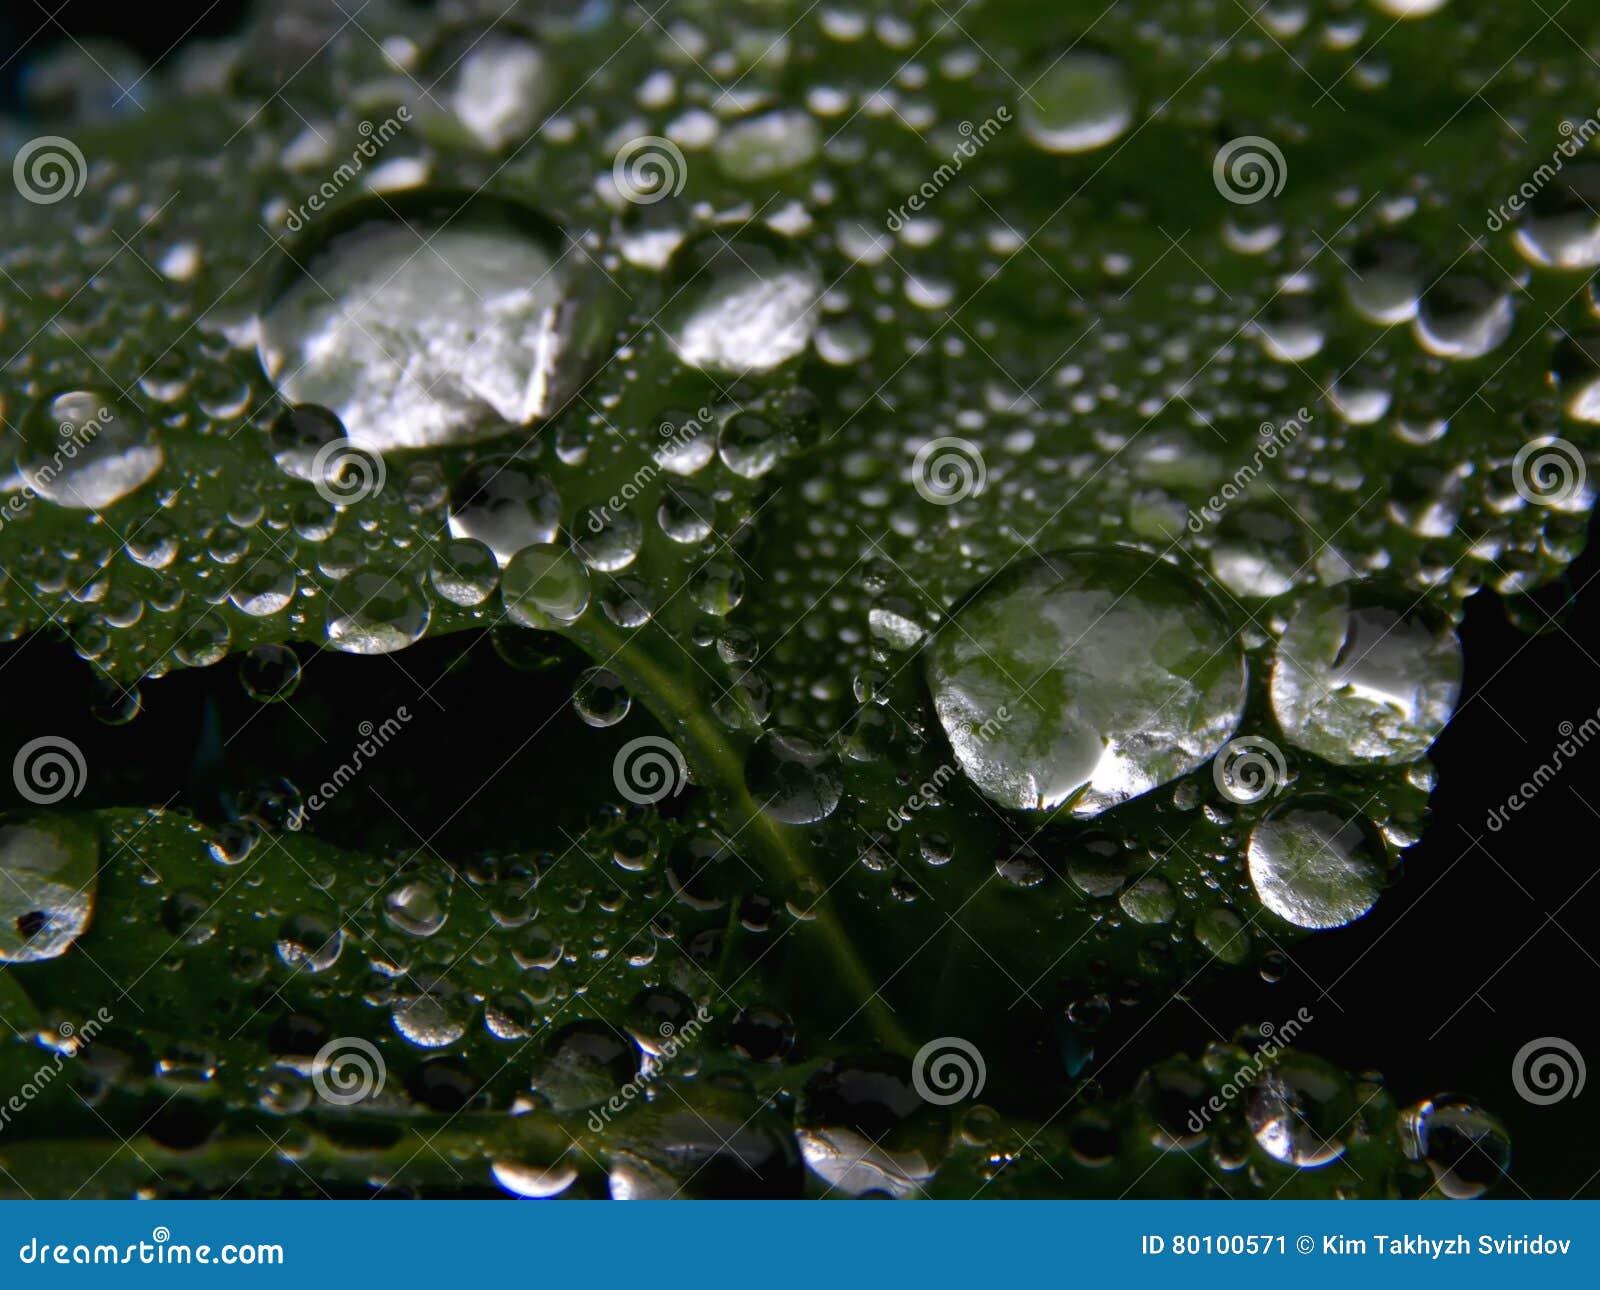 Os pingos de chuva na planta esverdeiam a folha em uma imagem preto e branco